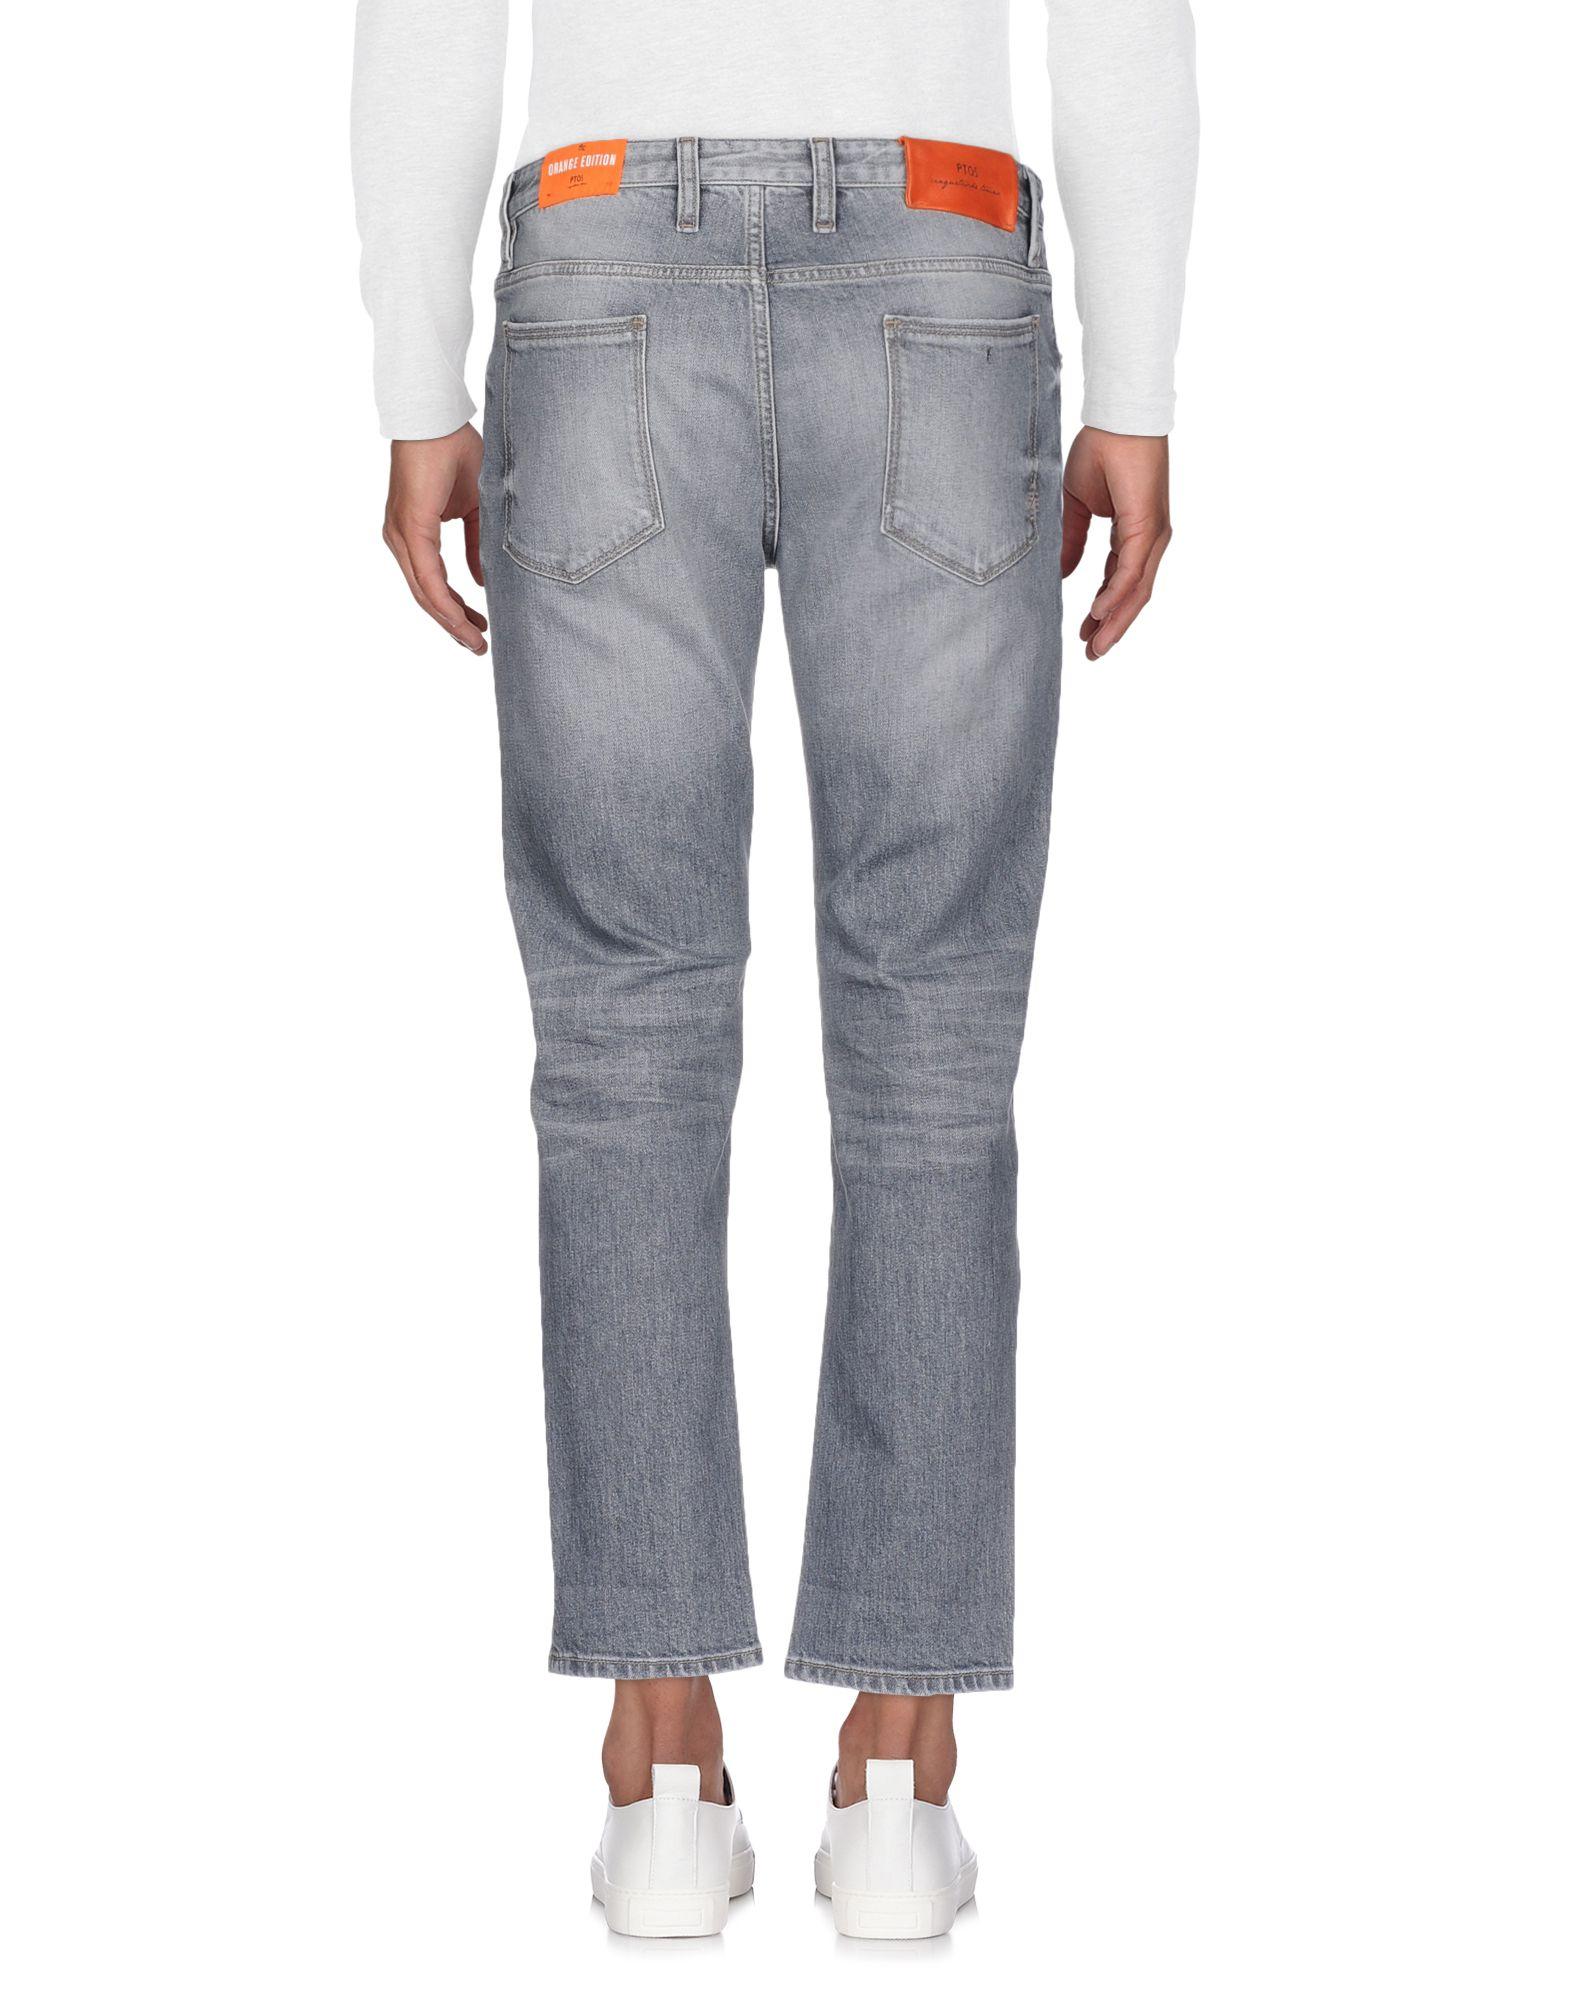 Pantaloni Jeans Jeans Pantaloni Pt05 Uomo - 42667686RH a4a002